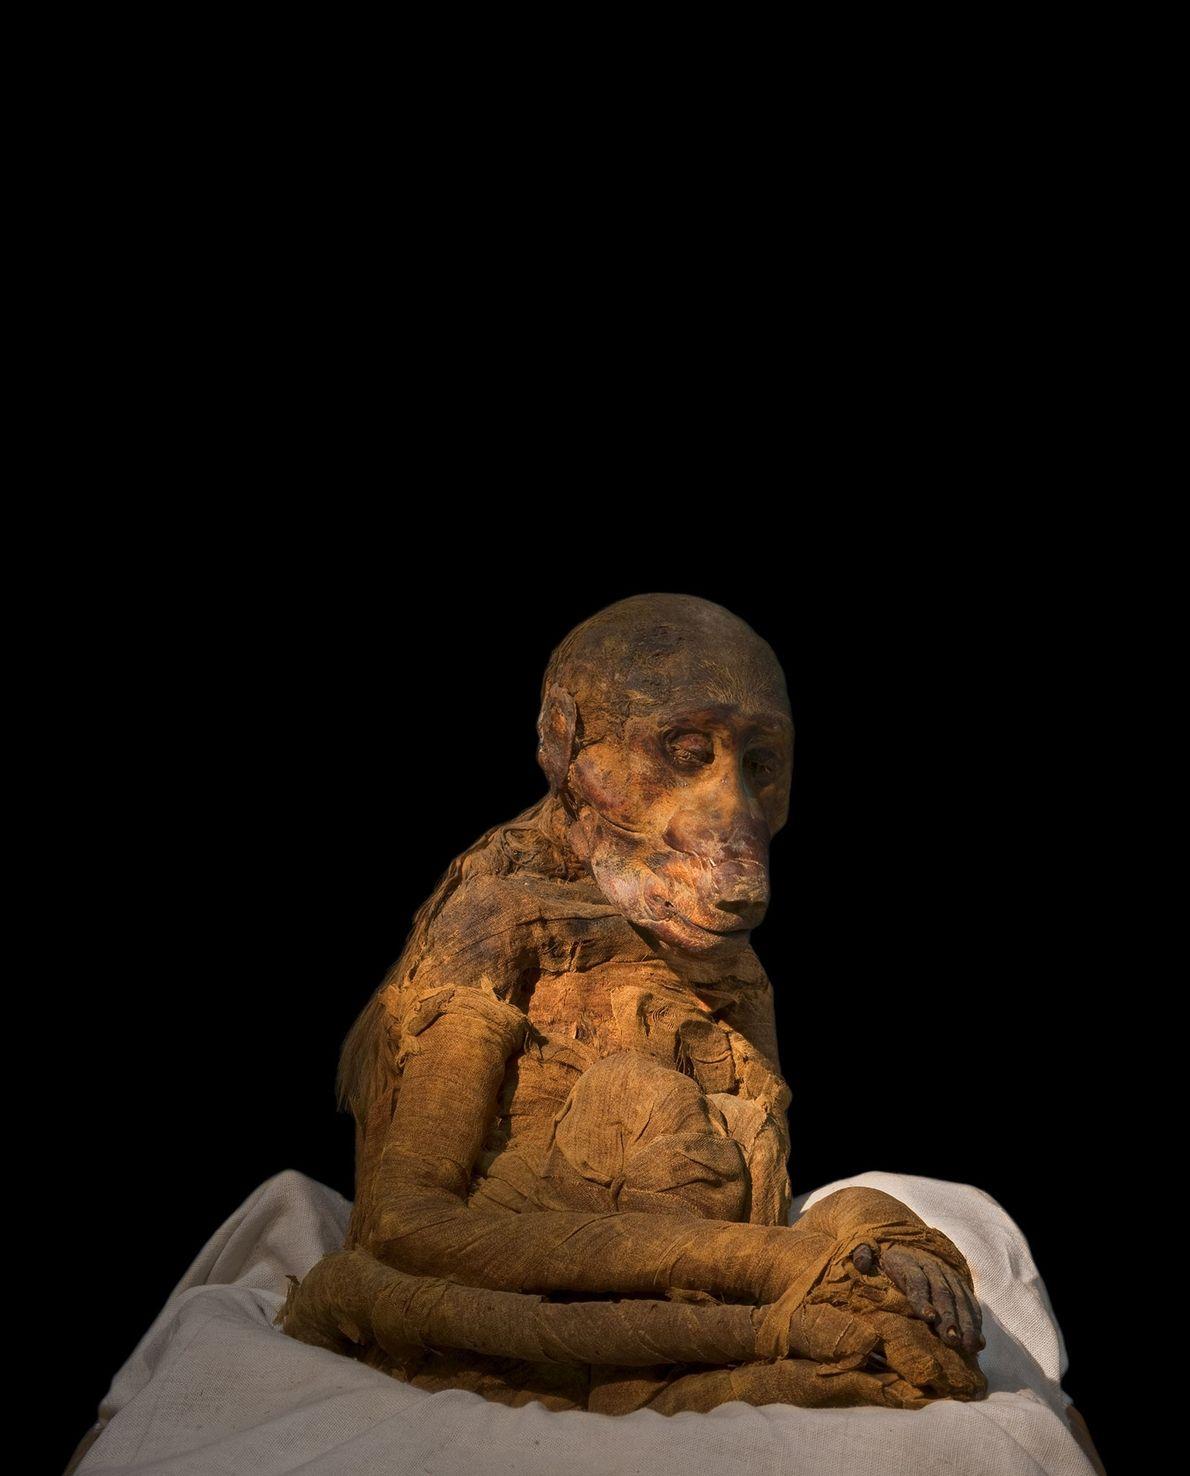 Babuino momificado